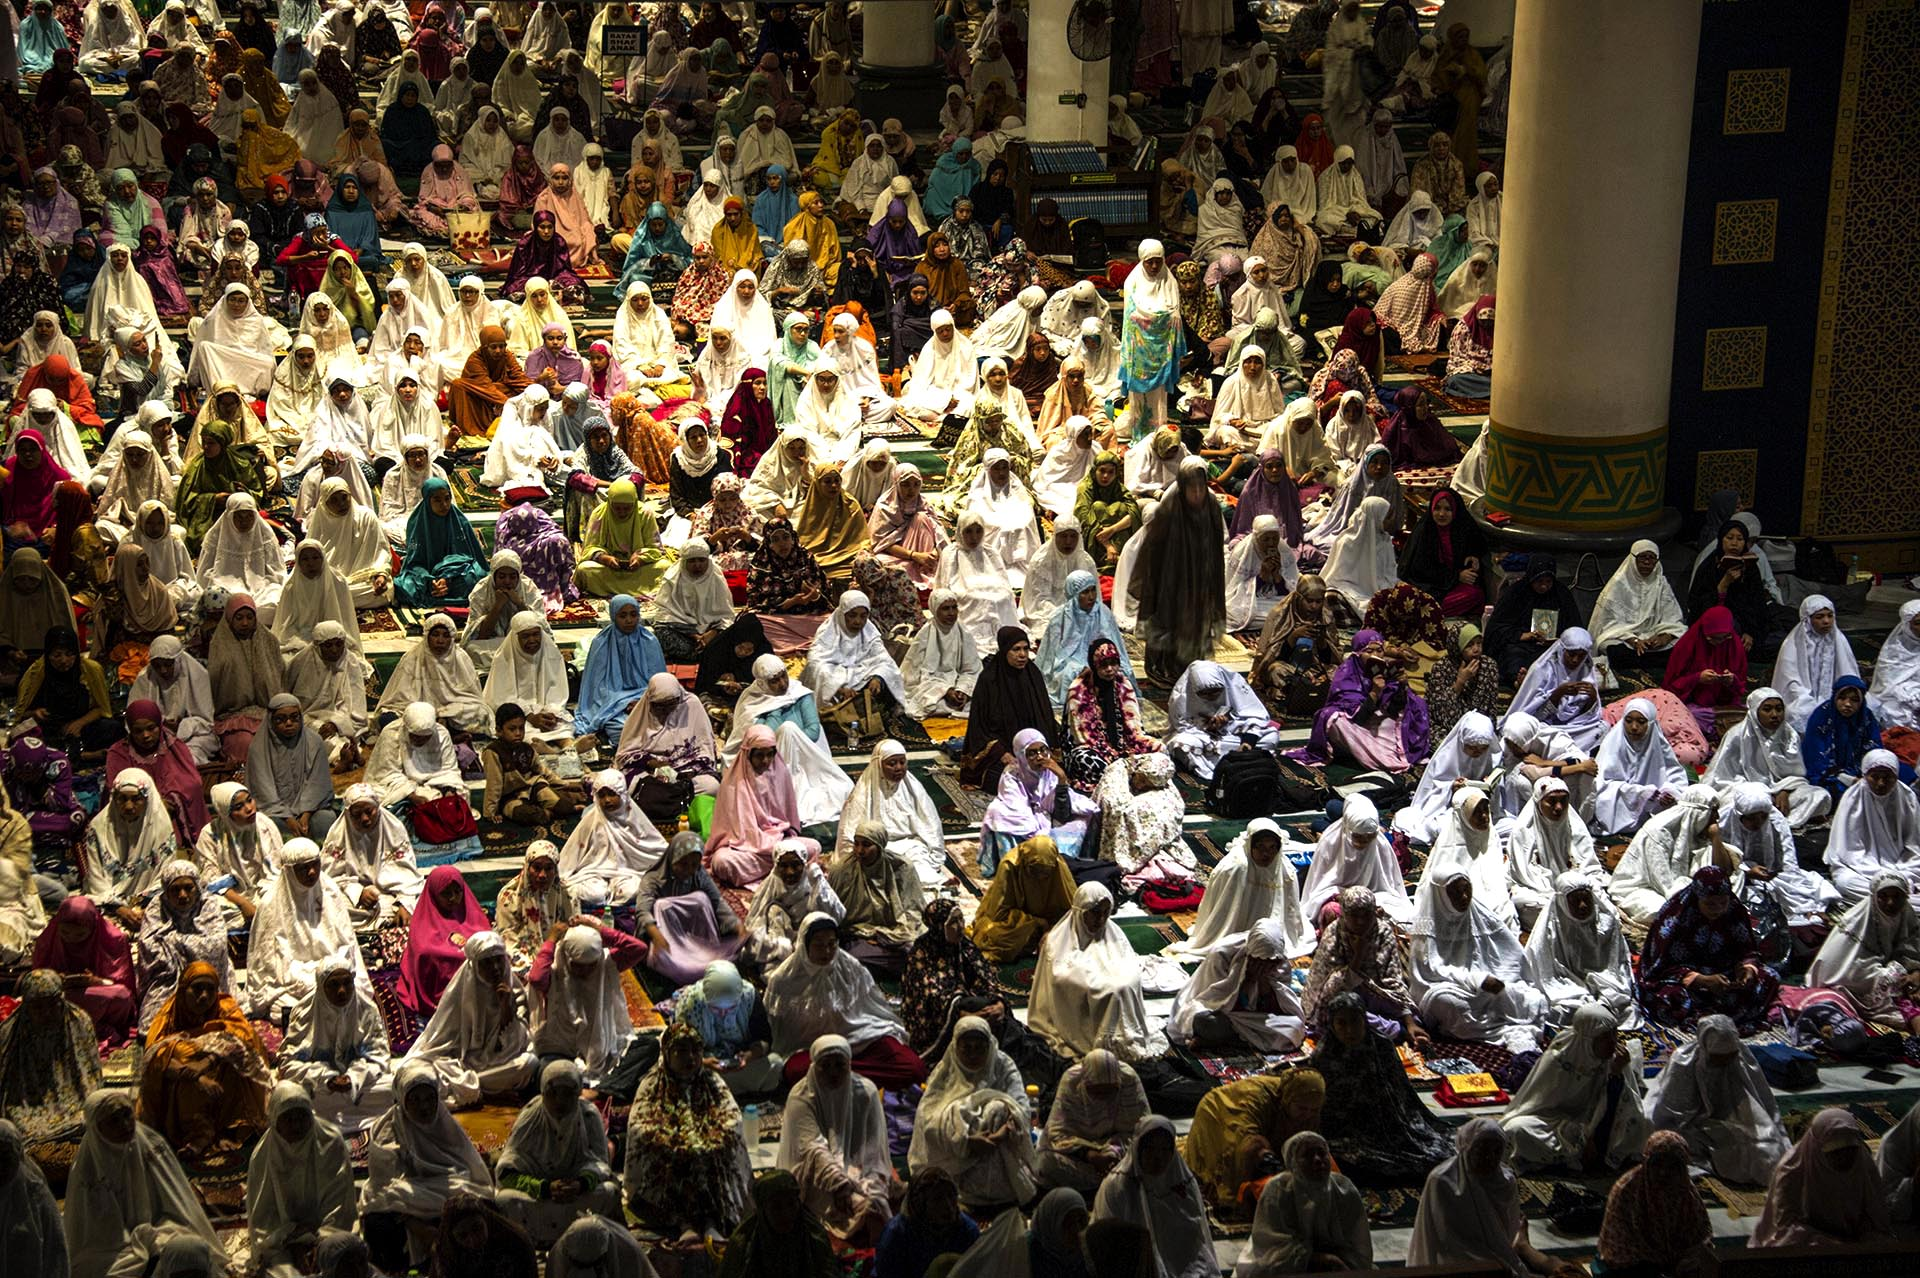 Musulmanes indonesios ofrecen oraciones y leen el Corán en el día 21 del mes sagrado del Ramadán en una mezquita de Al Akbar en Surabaya